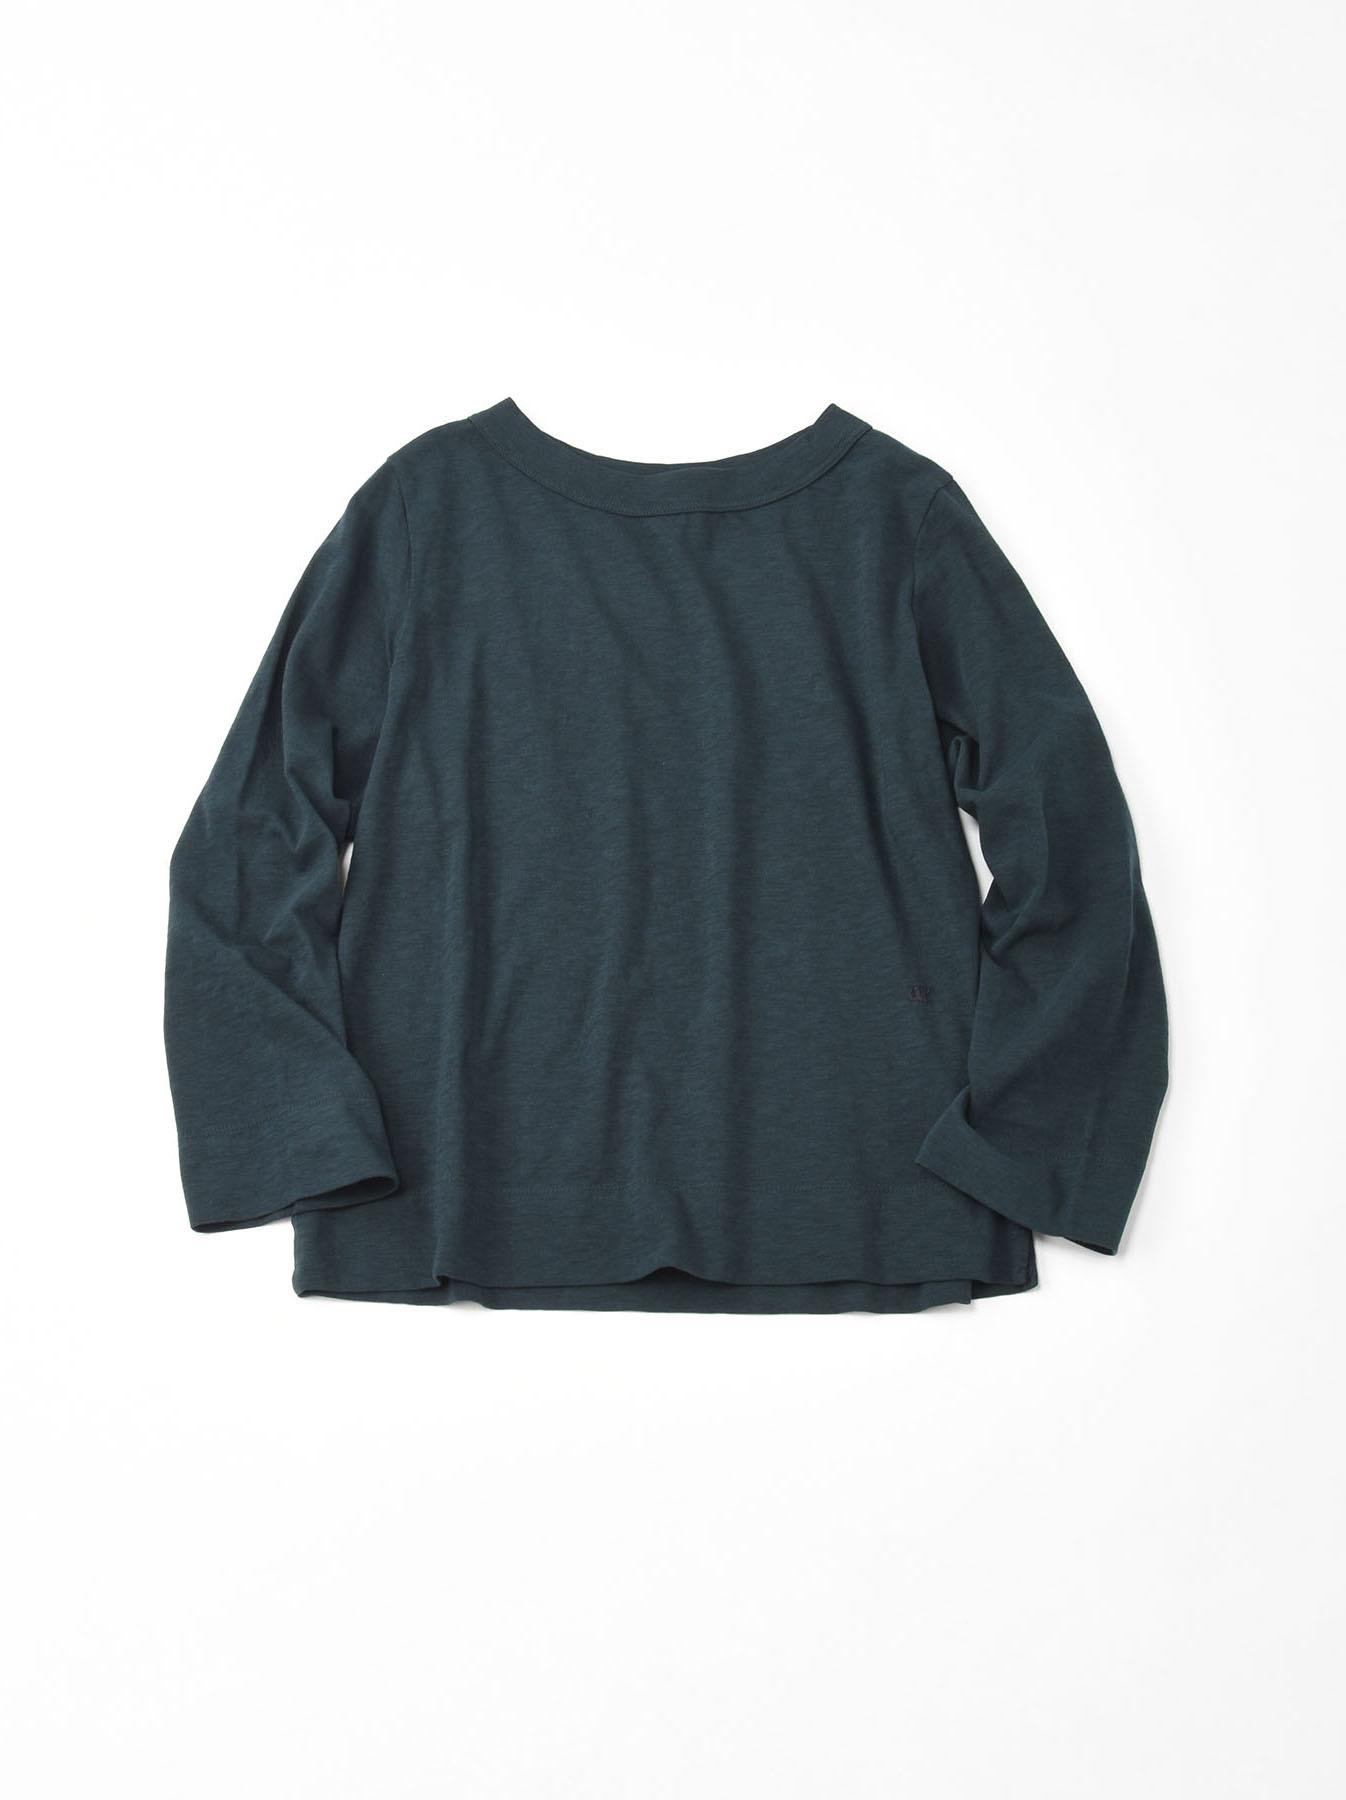 Zimbabwe Cotton Square T-shirt-8